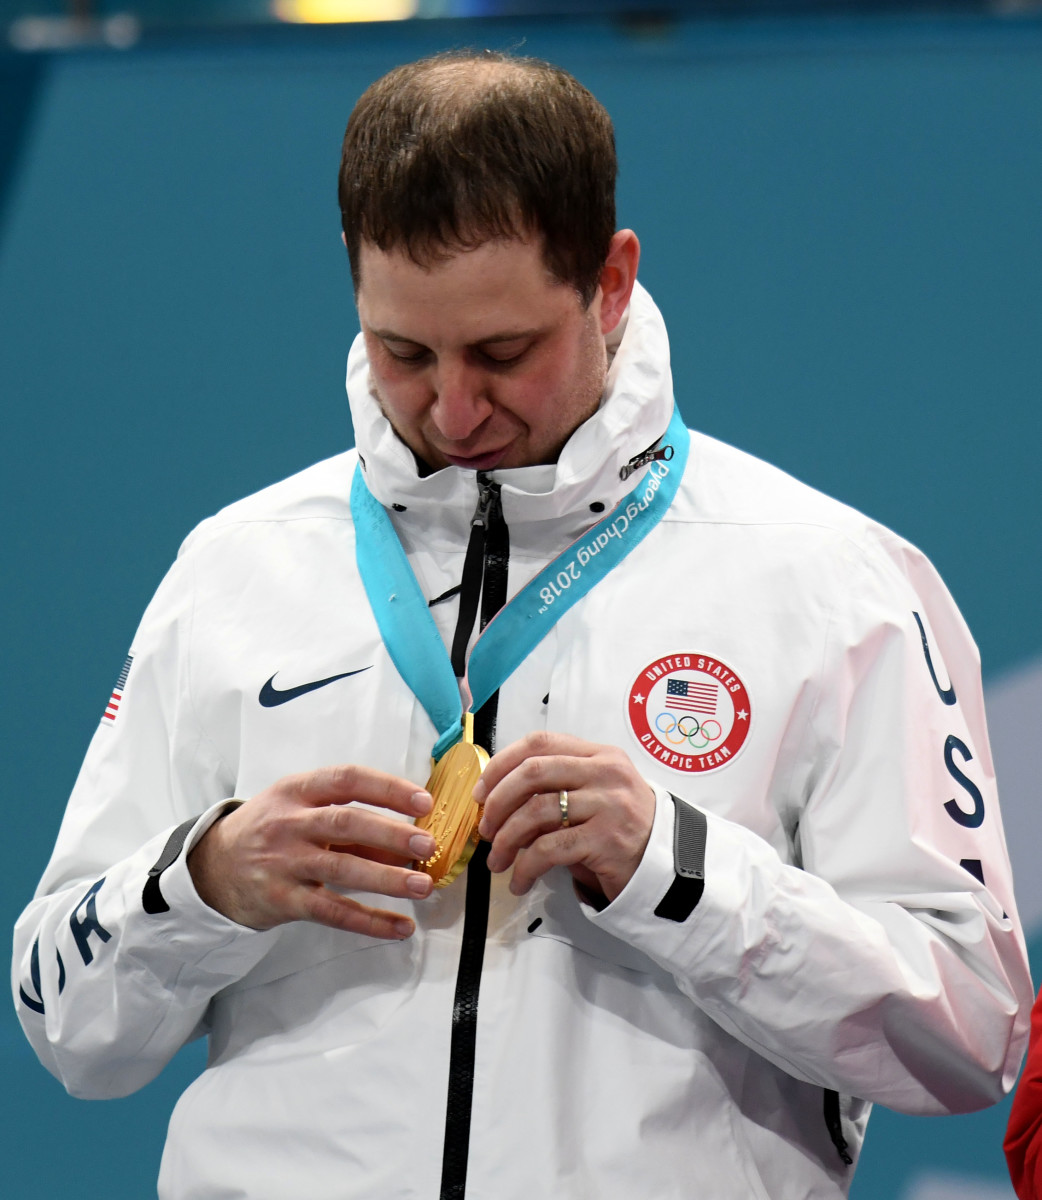 James Lang-USA TODAY Sports